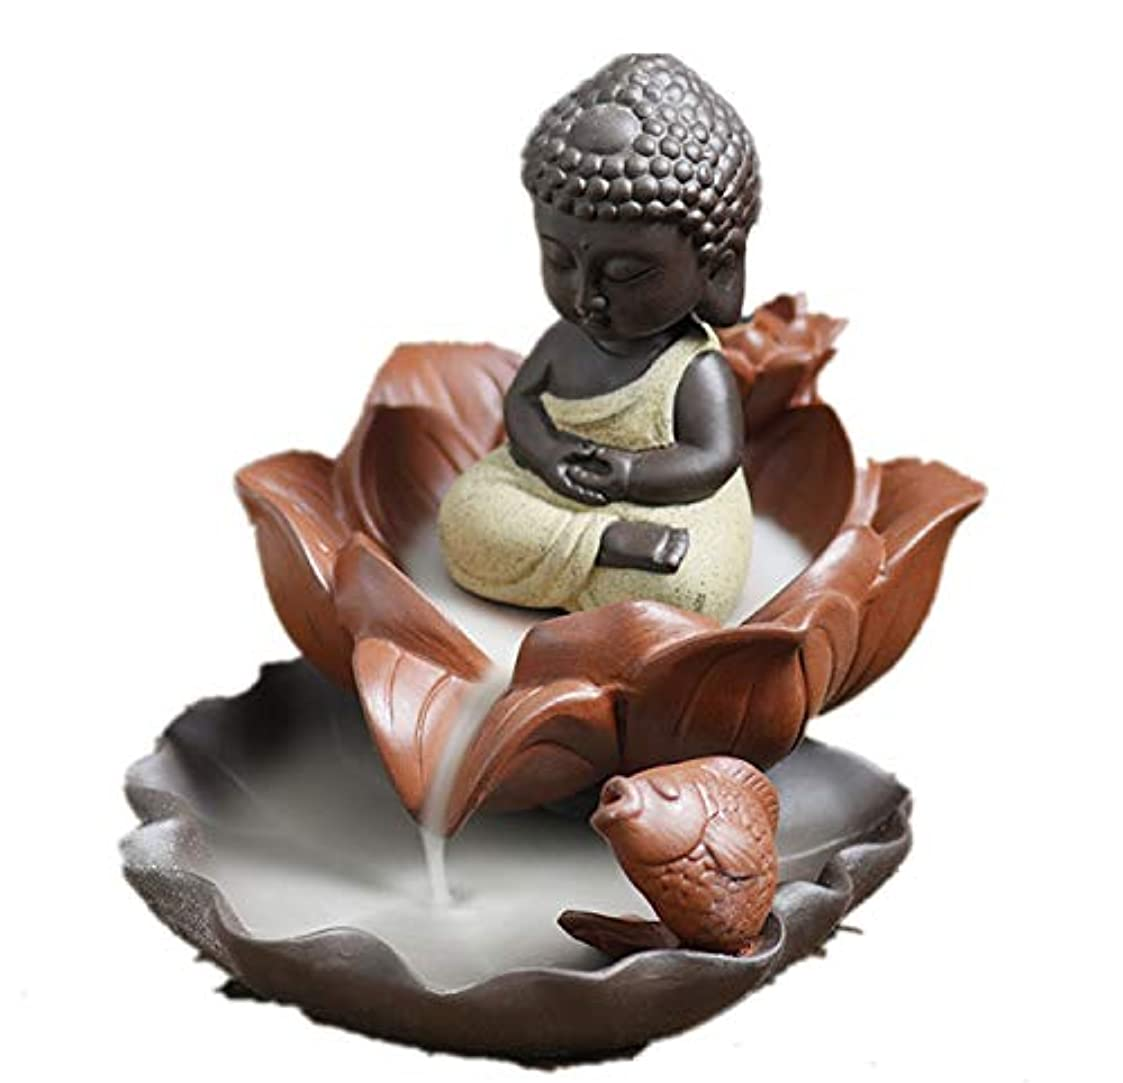 クラシックシャトル家事XPPXPP Backflow Incense Burner, Household Ceramic Returning Cone-shaped Candlestick Burner